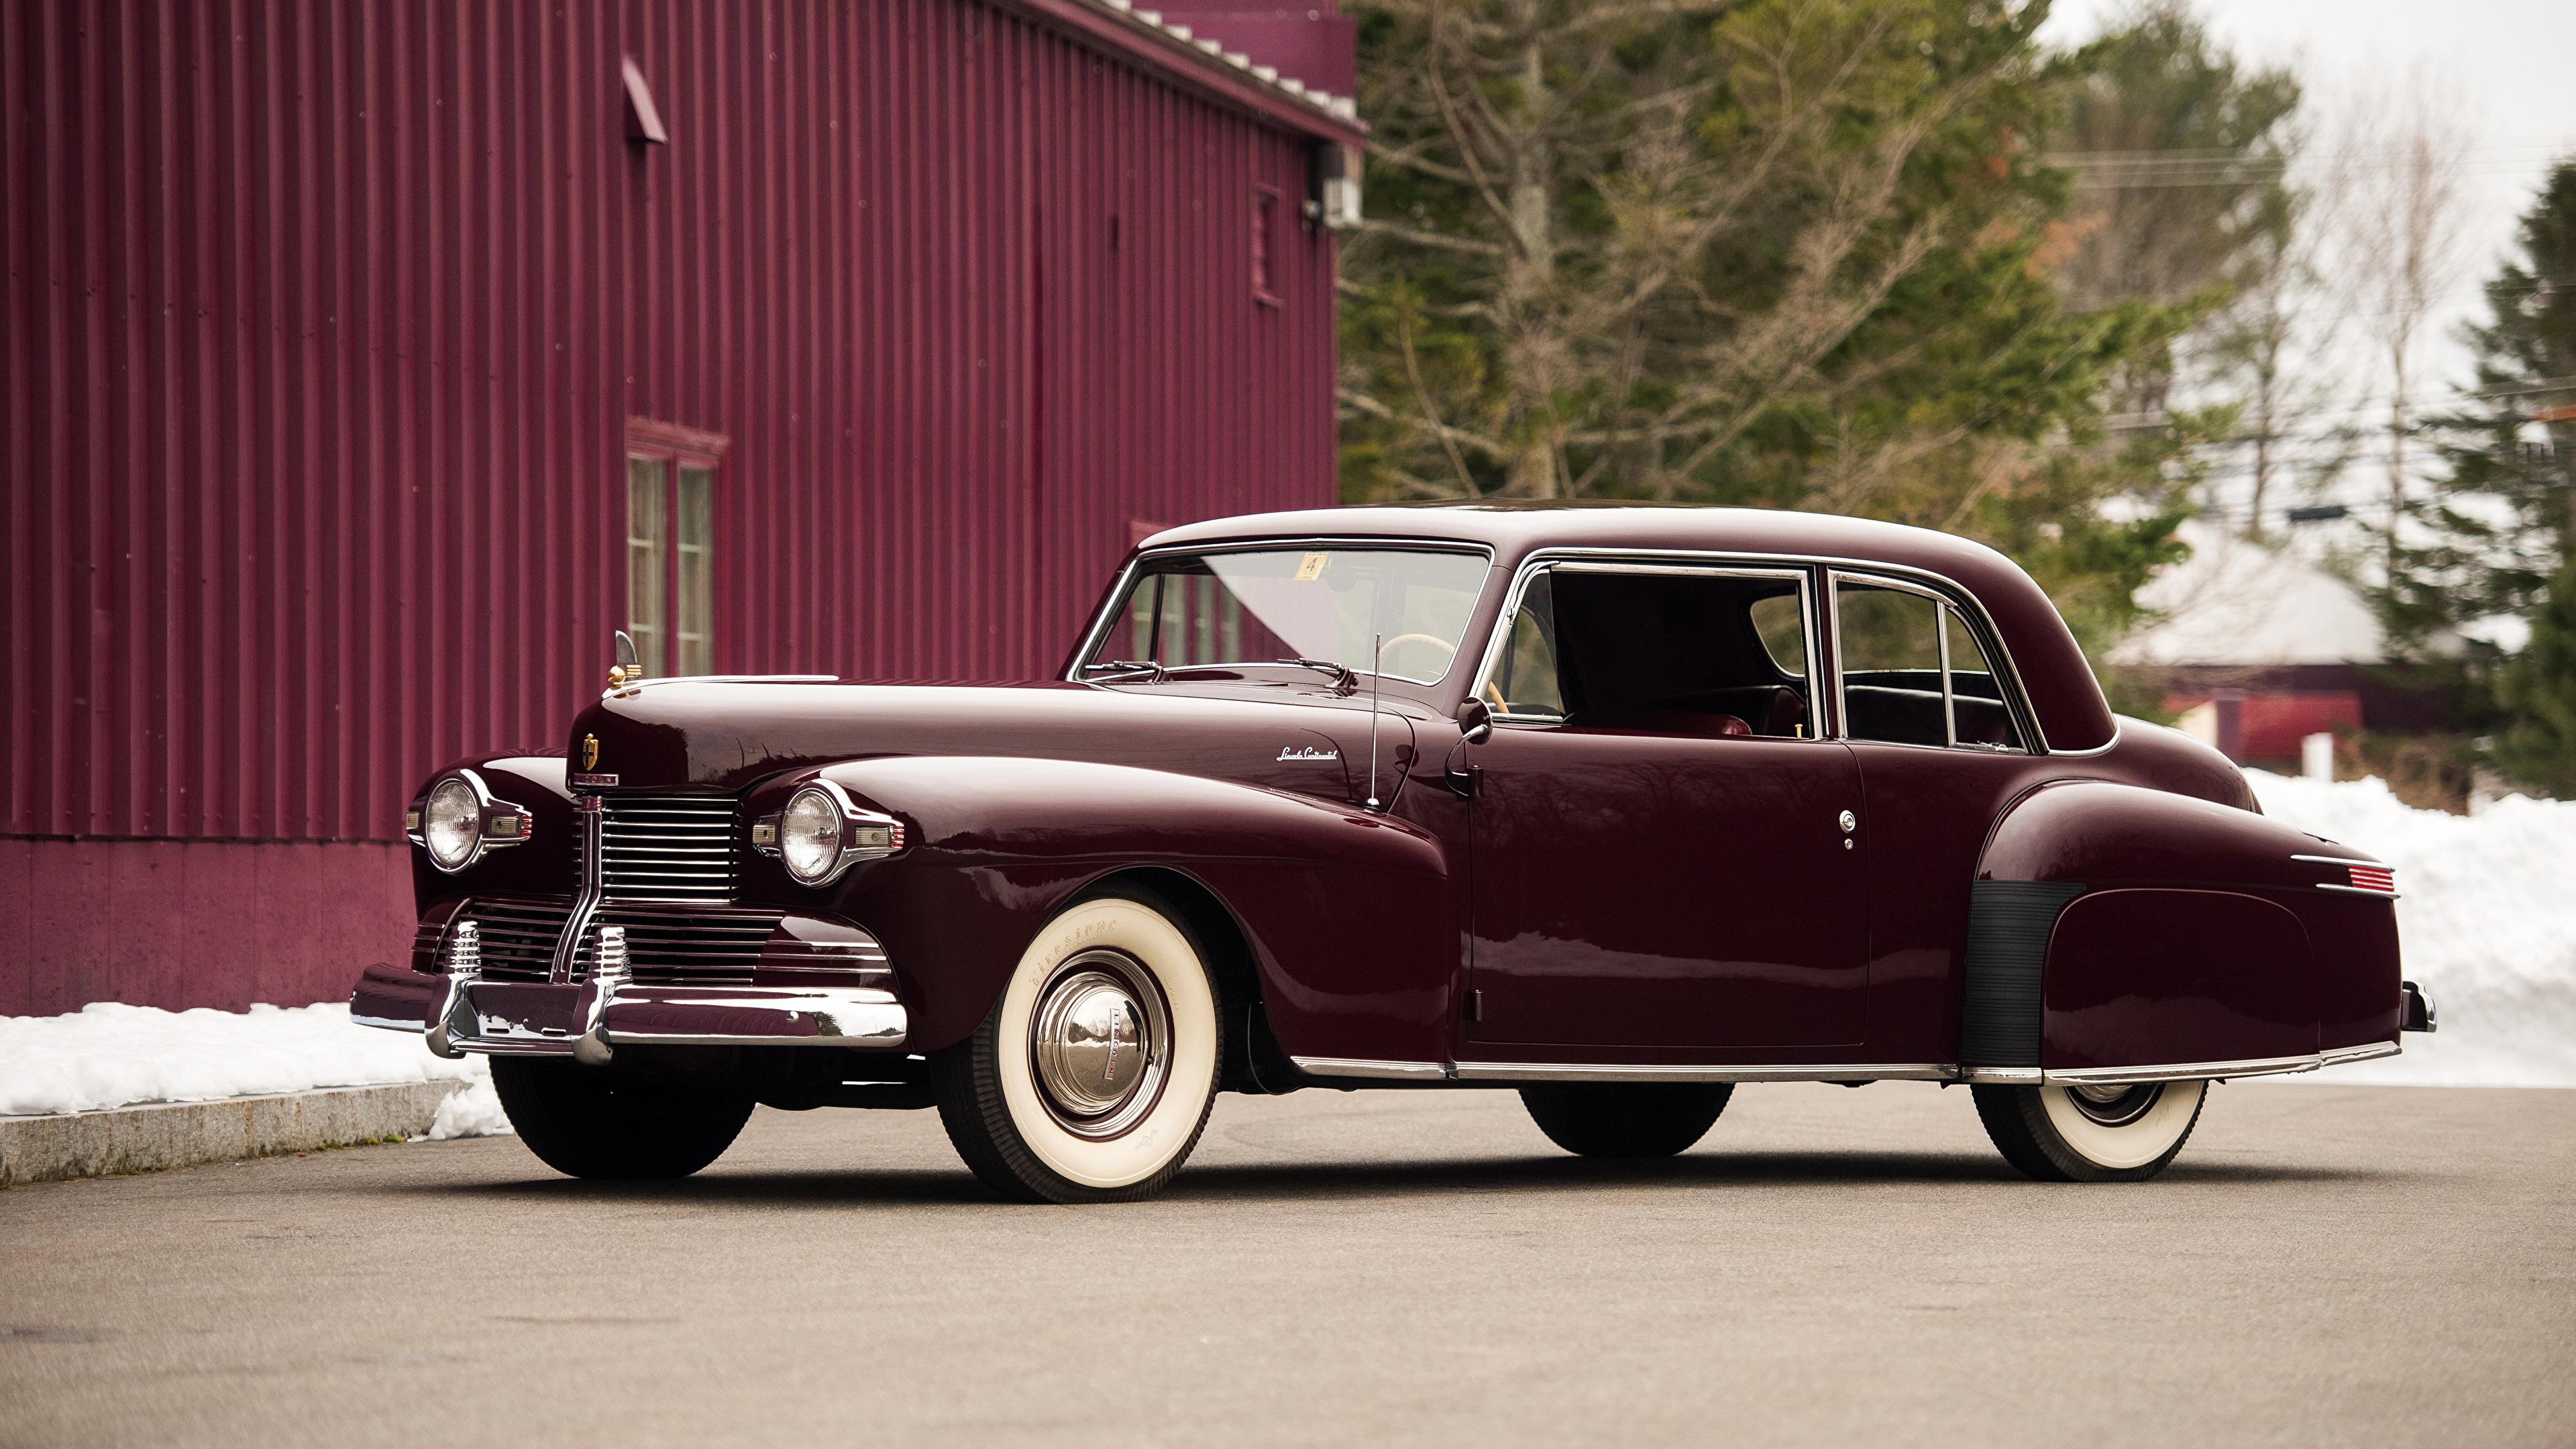 Картинка Lincoln 1942 Continental Coupe бордовая старинные авто Металлик 3840x2160 Ретро винтаж бордовые Бордовый темно красный машина машины автомобиль Автомобили